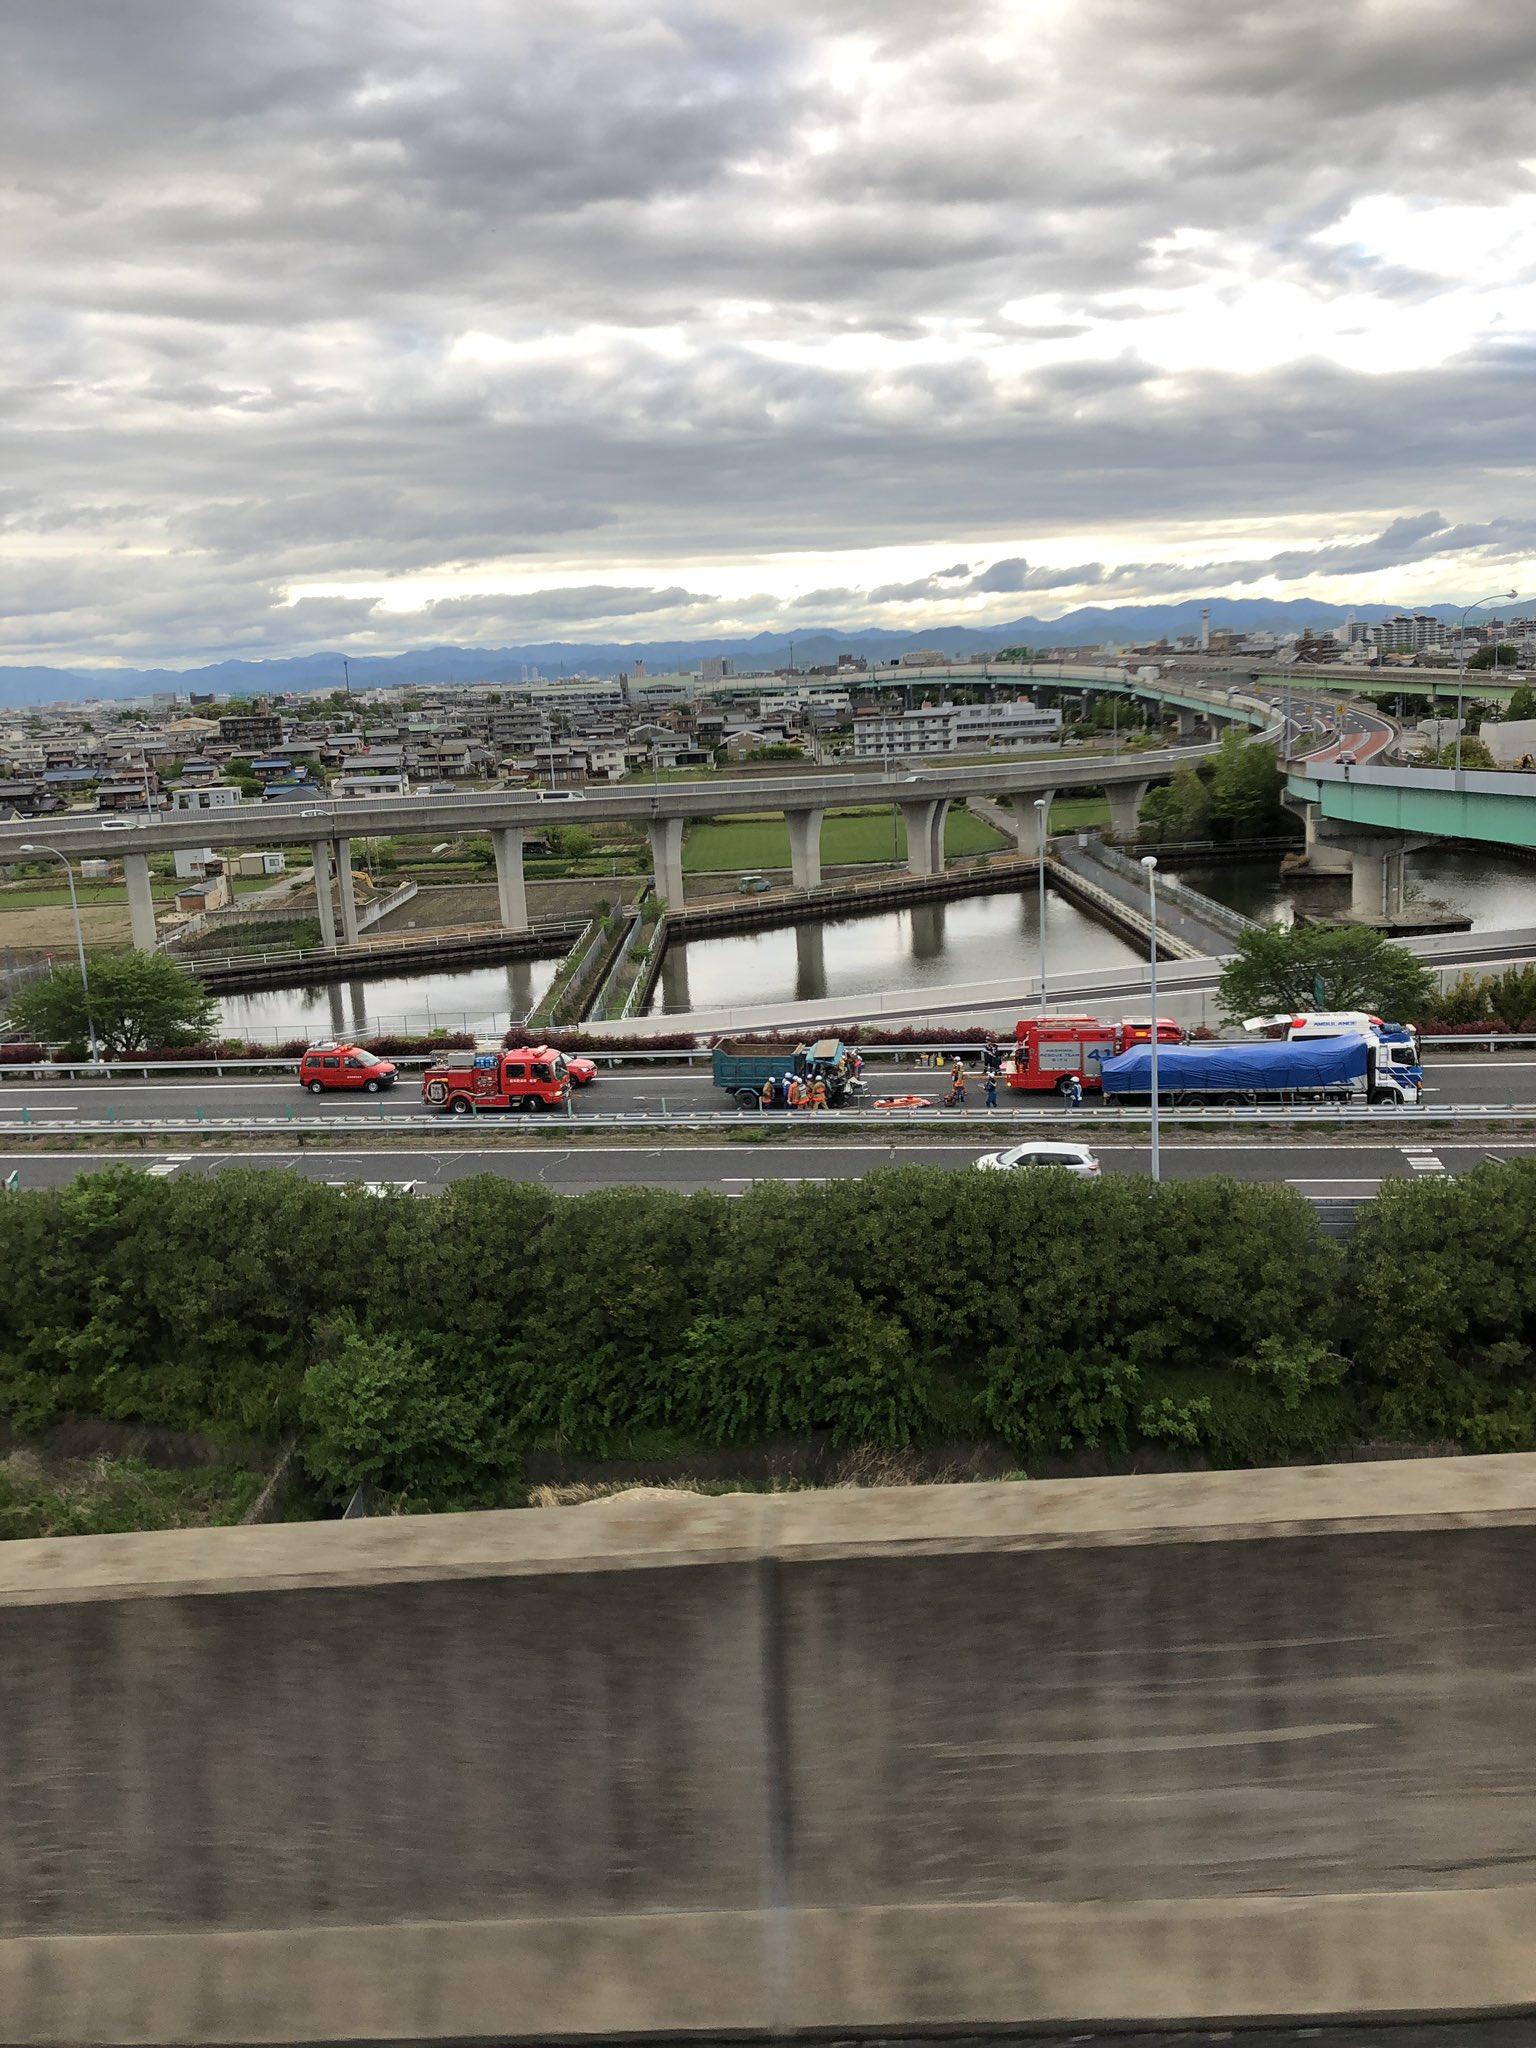 名神高速で大型低床車とダンプカーが衝突する事故現場の画像